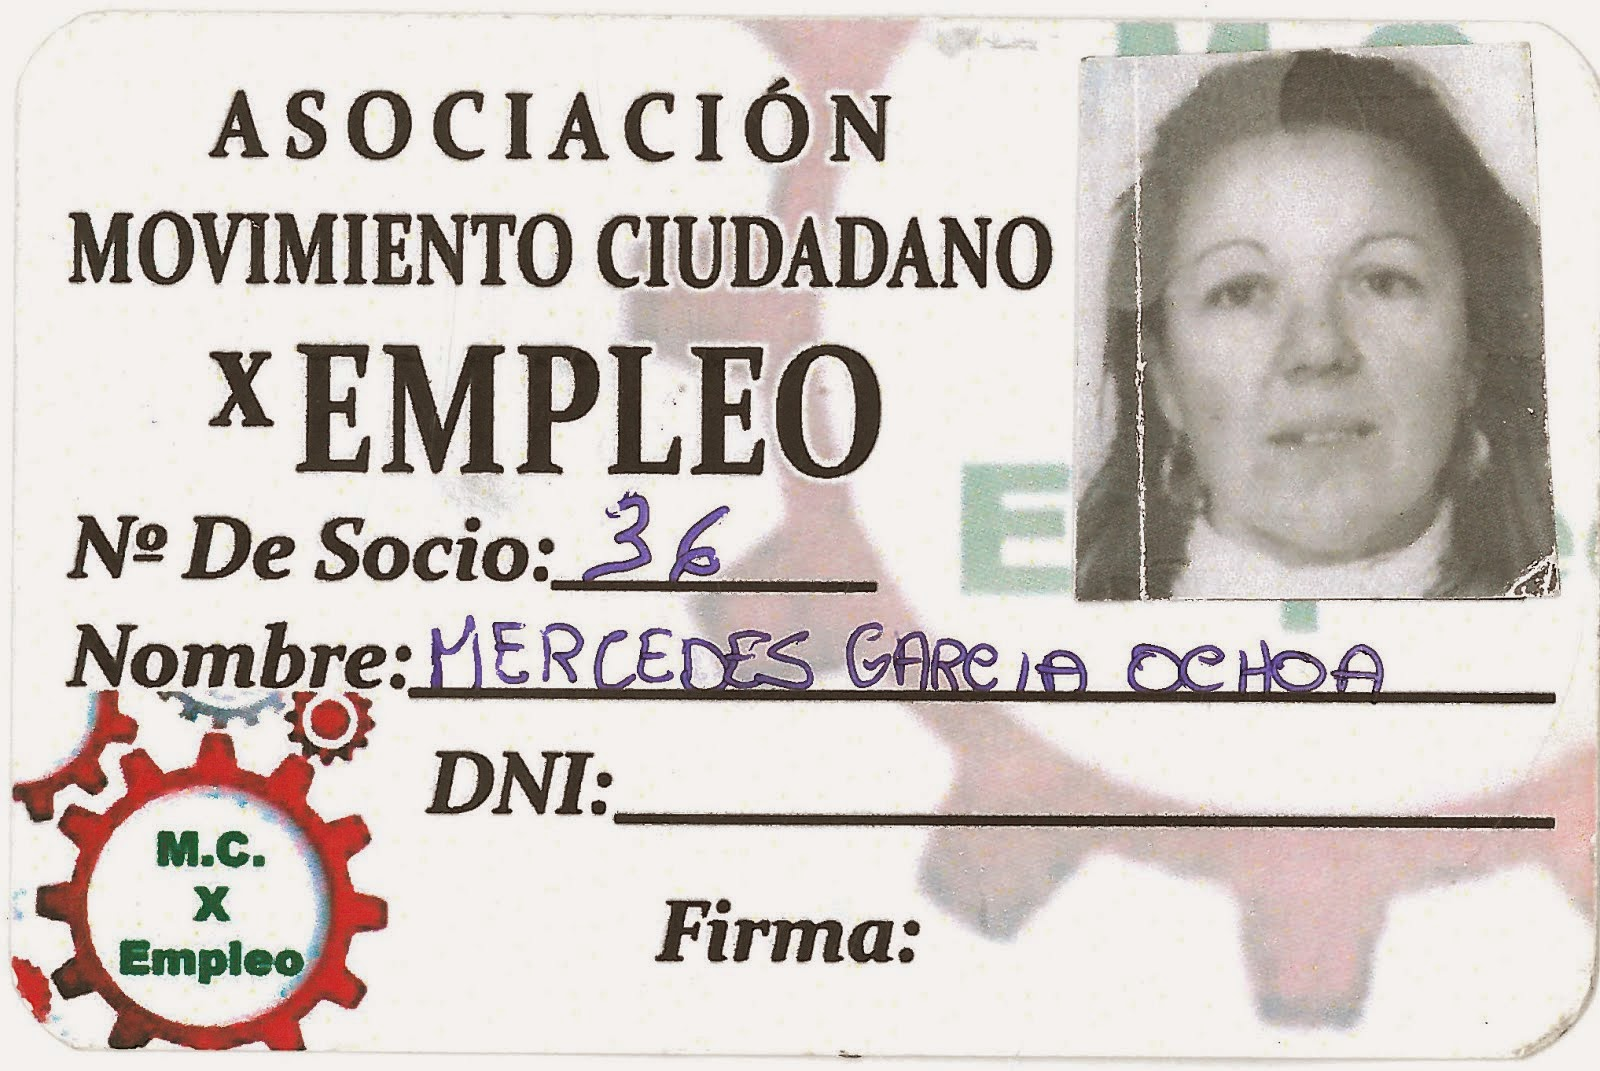 MERCEDES GARCIA OCHOA